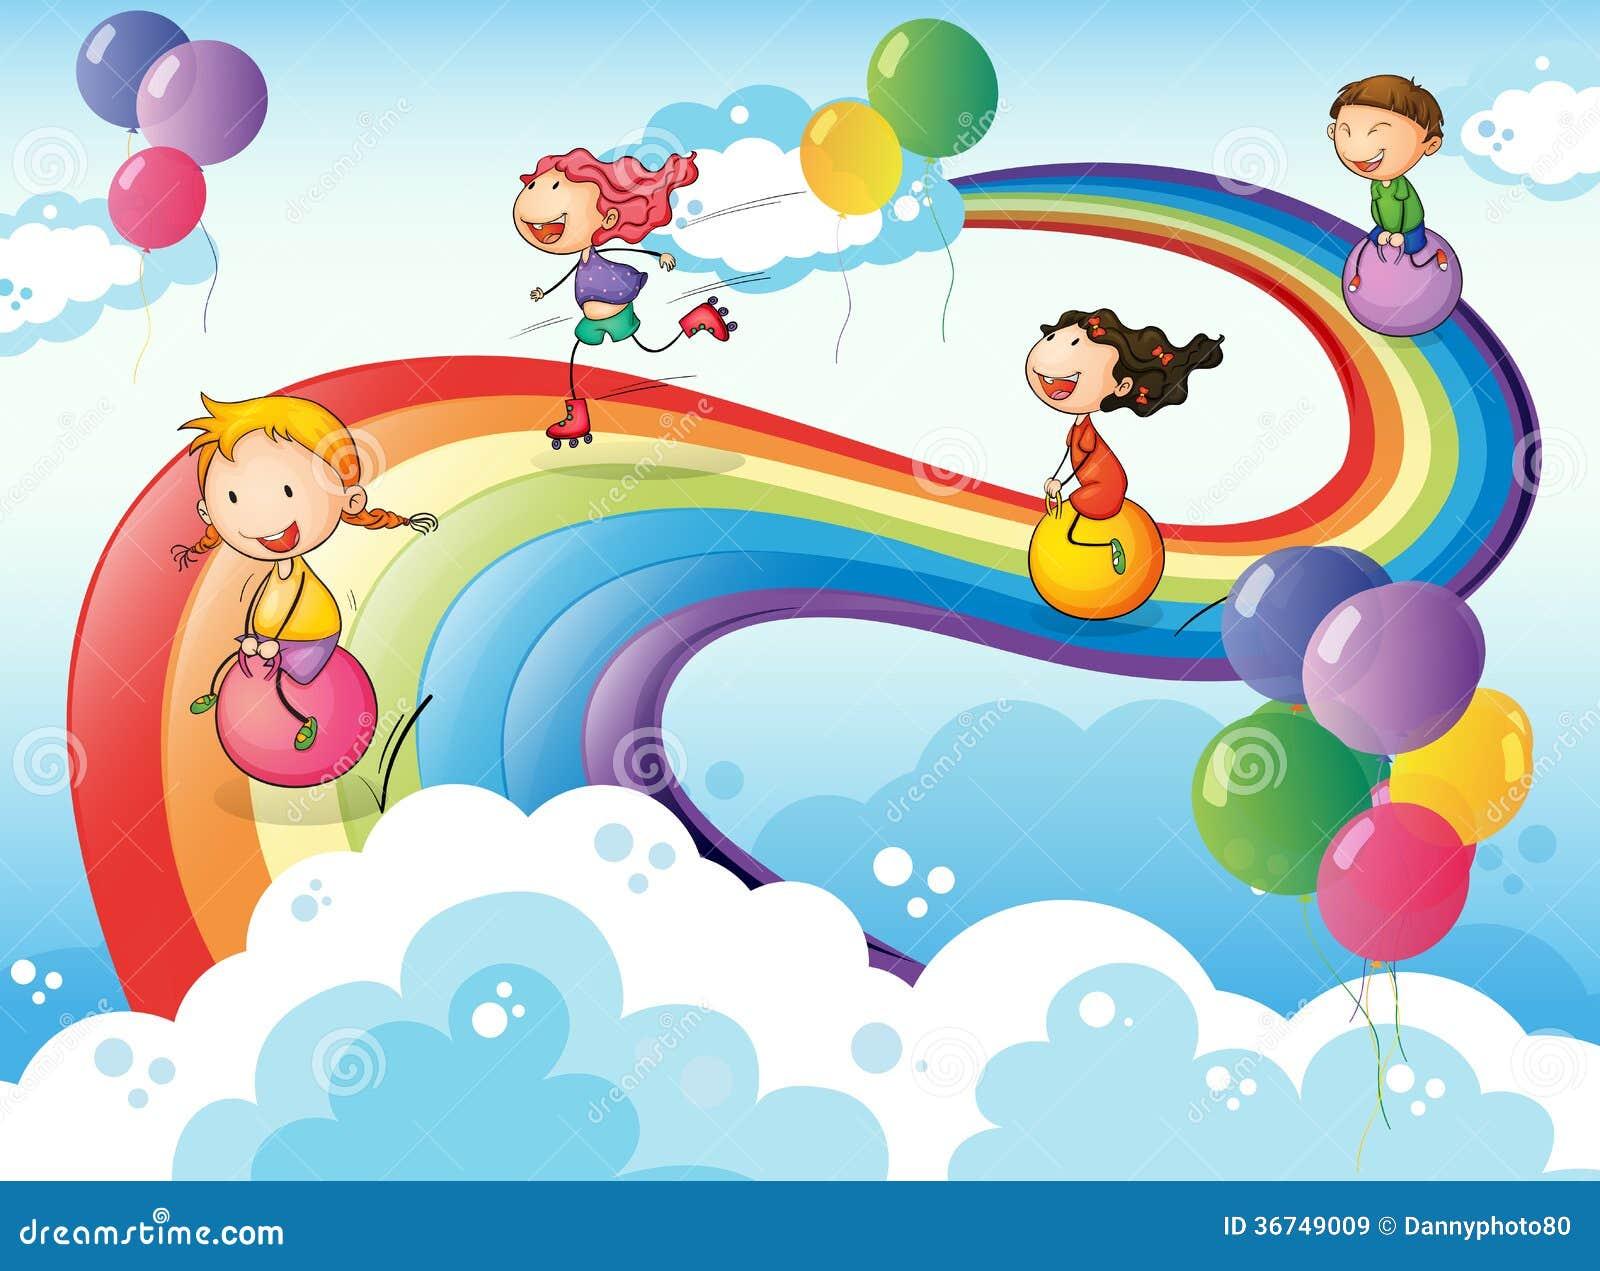 Immagini arcobaleno per bambini rp22 regardsdefemmes - Arcobaleno da colorare stampabili ...